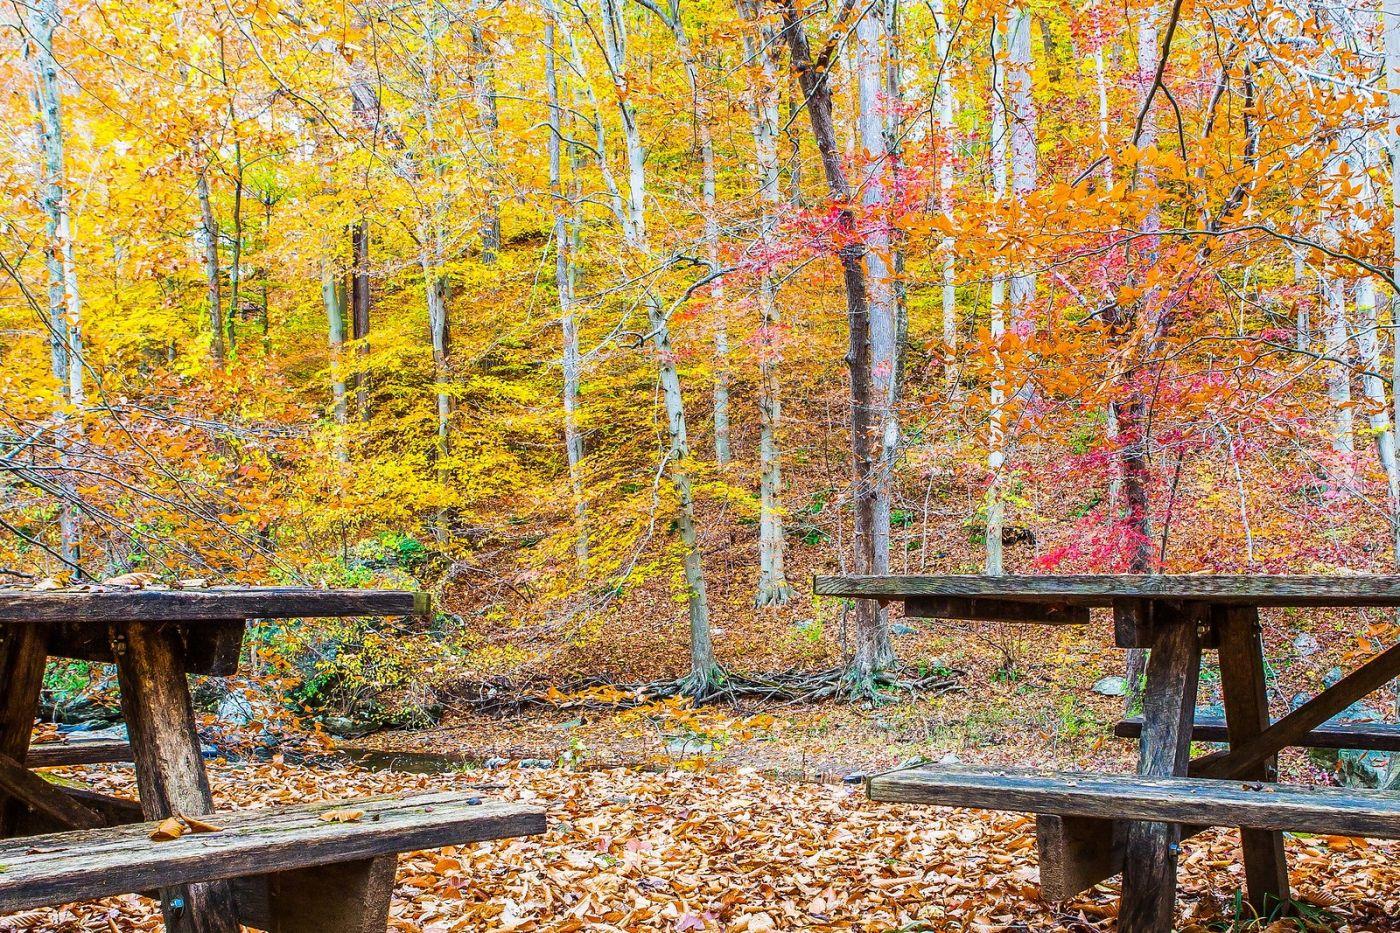 宾州雷德利克里克公园(Ridley creek park),迷人的秋色_图1-11